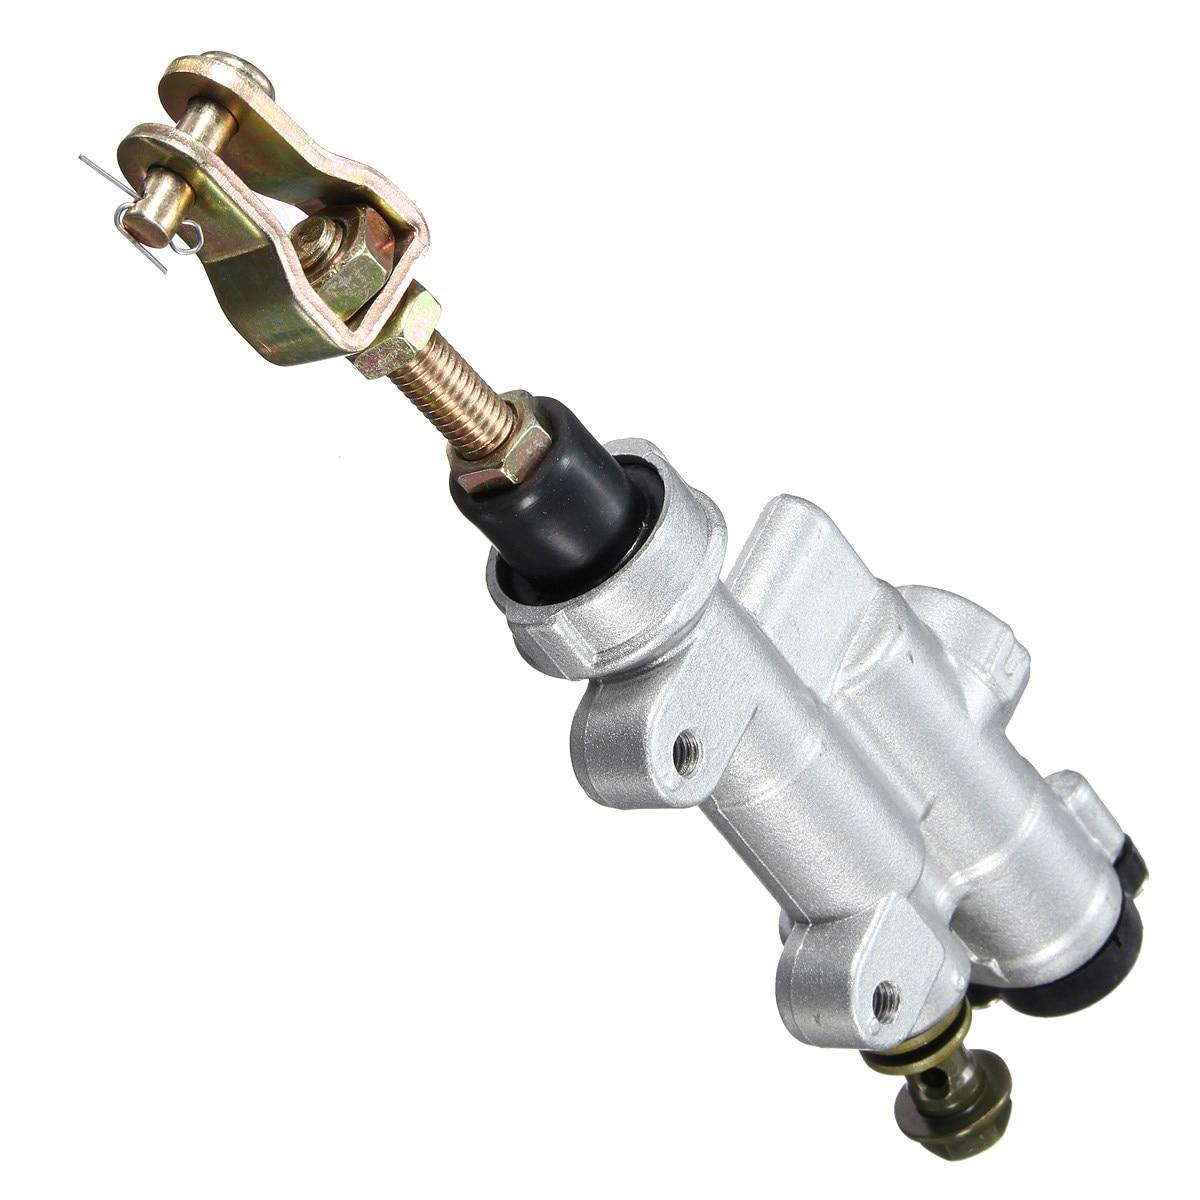 Rear Brake Pump Master Cylinder For Honda CRF250R CRF250X 2004-2013 CRF 250R